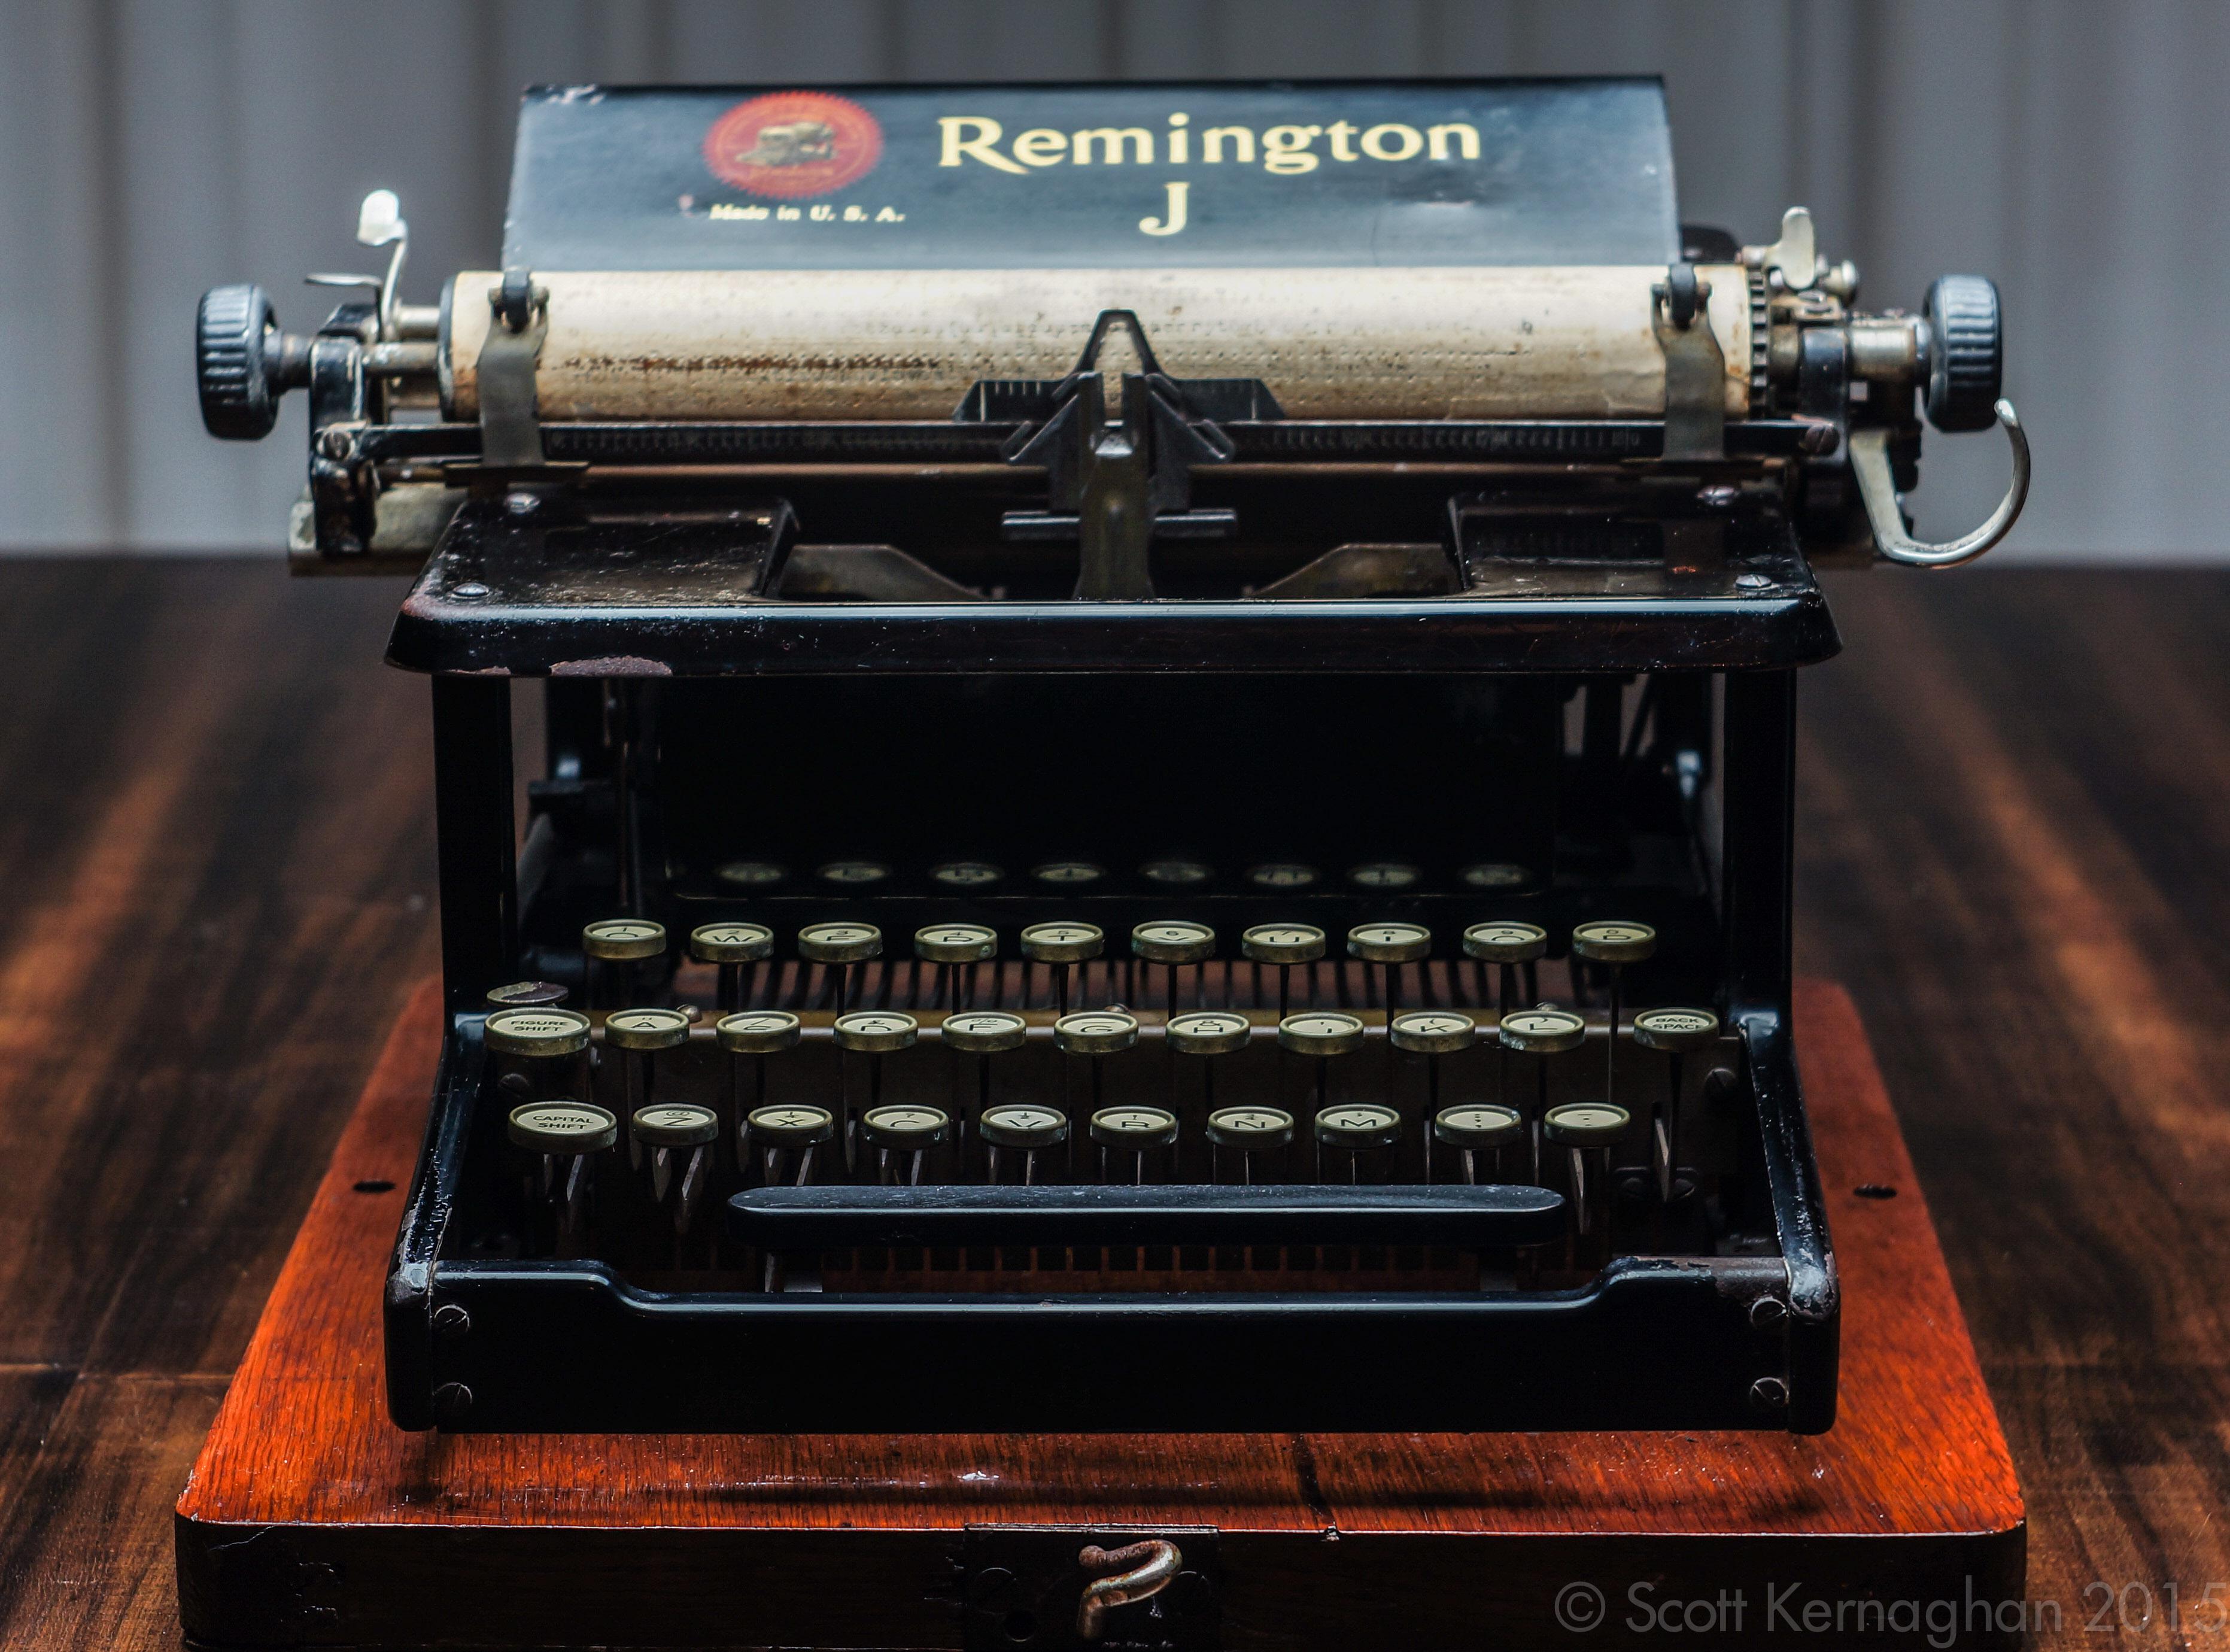 Dating remington typewriters